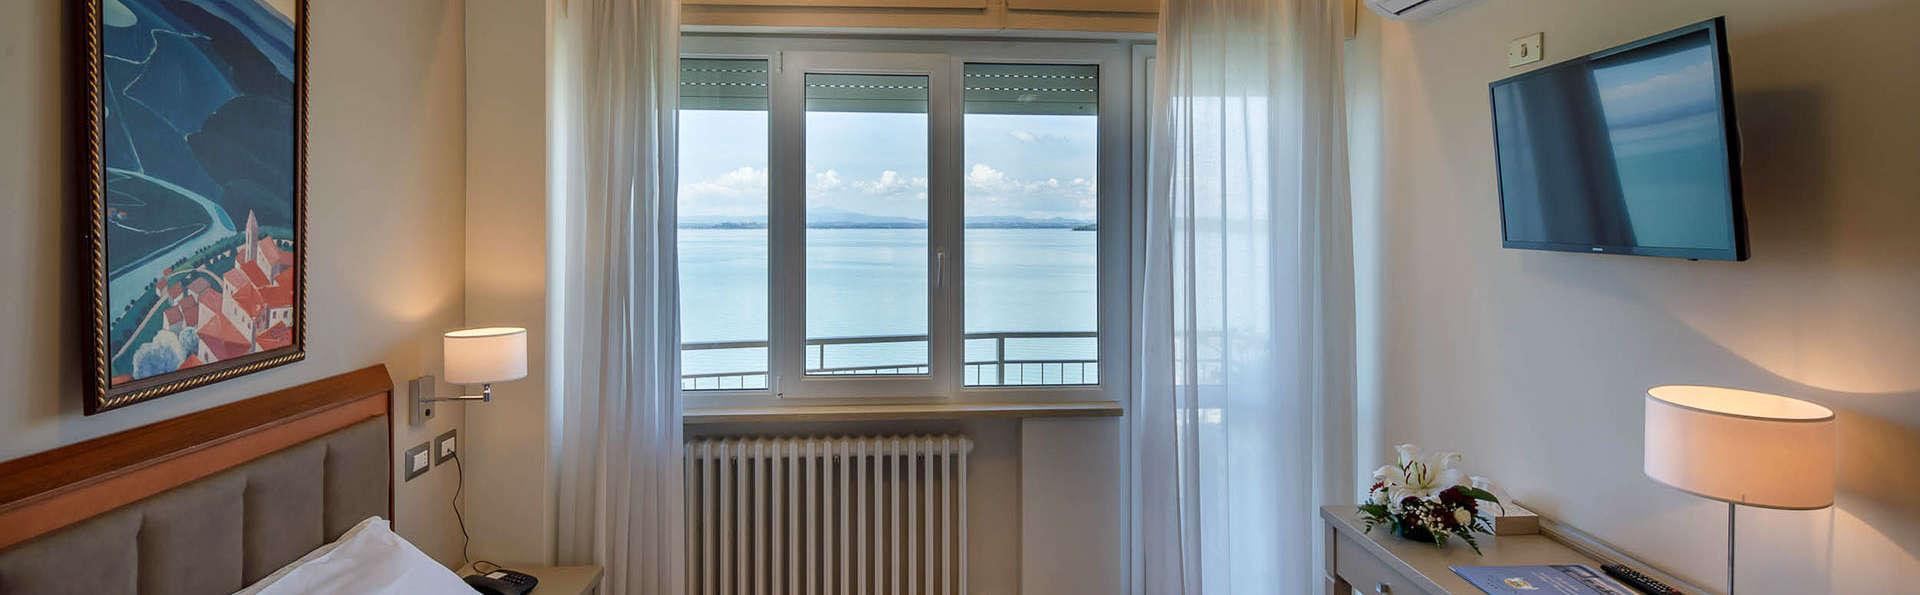 Hotel Lidò - EDIT_ROOM_04.jpg